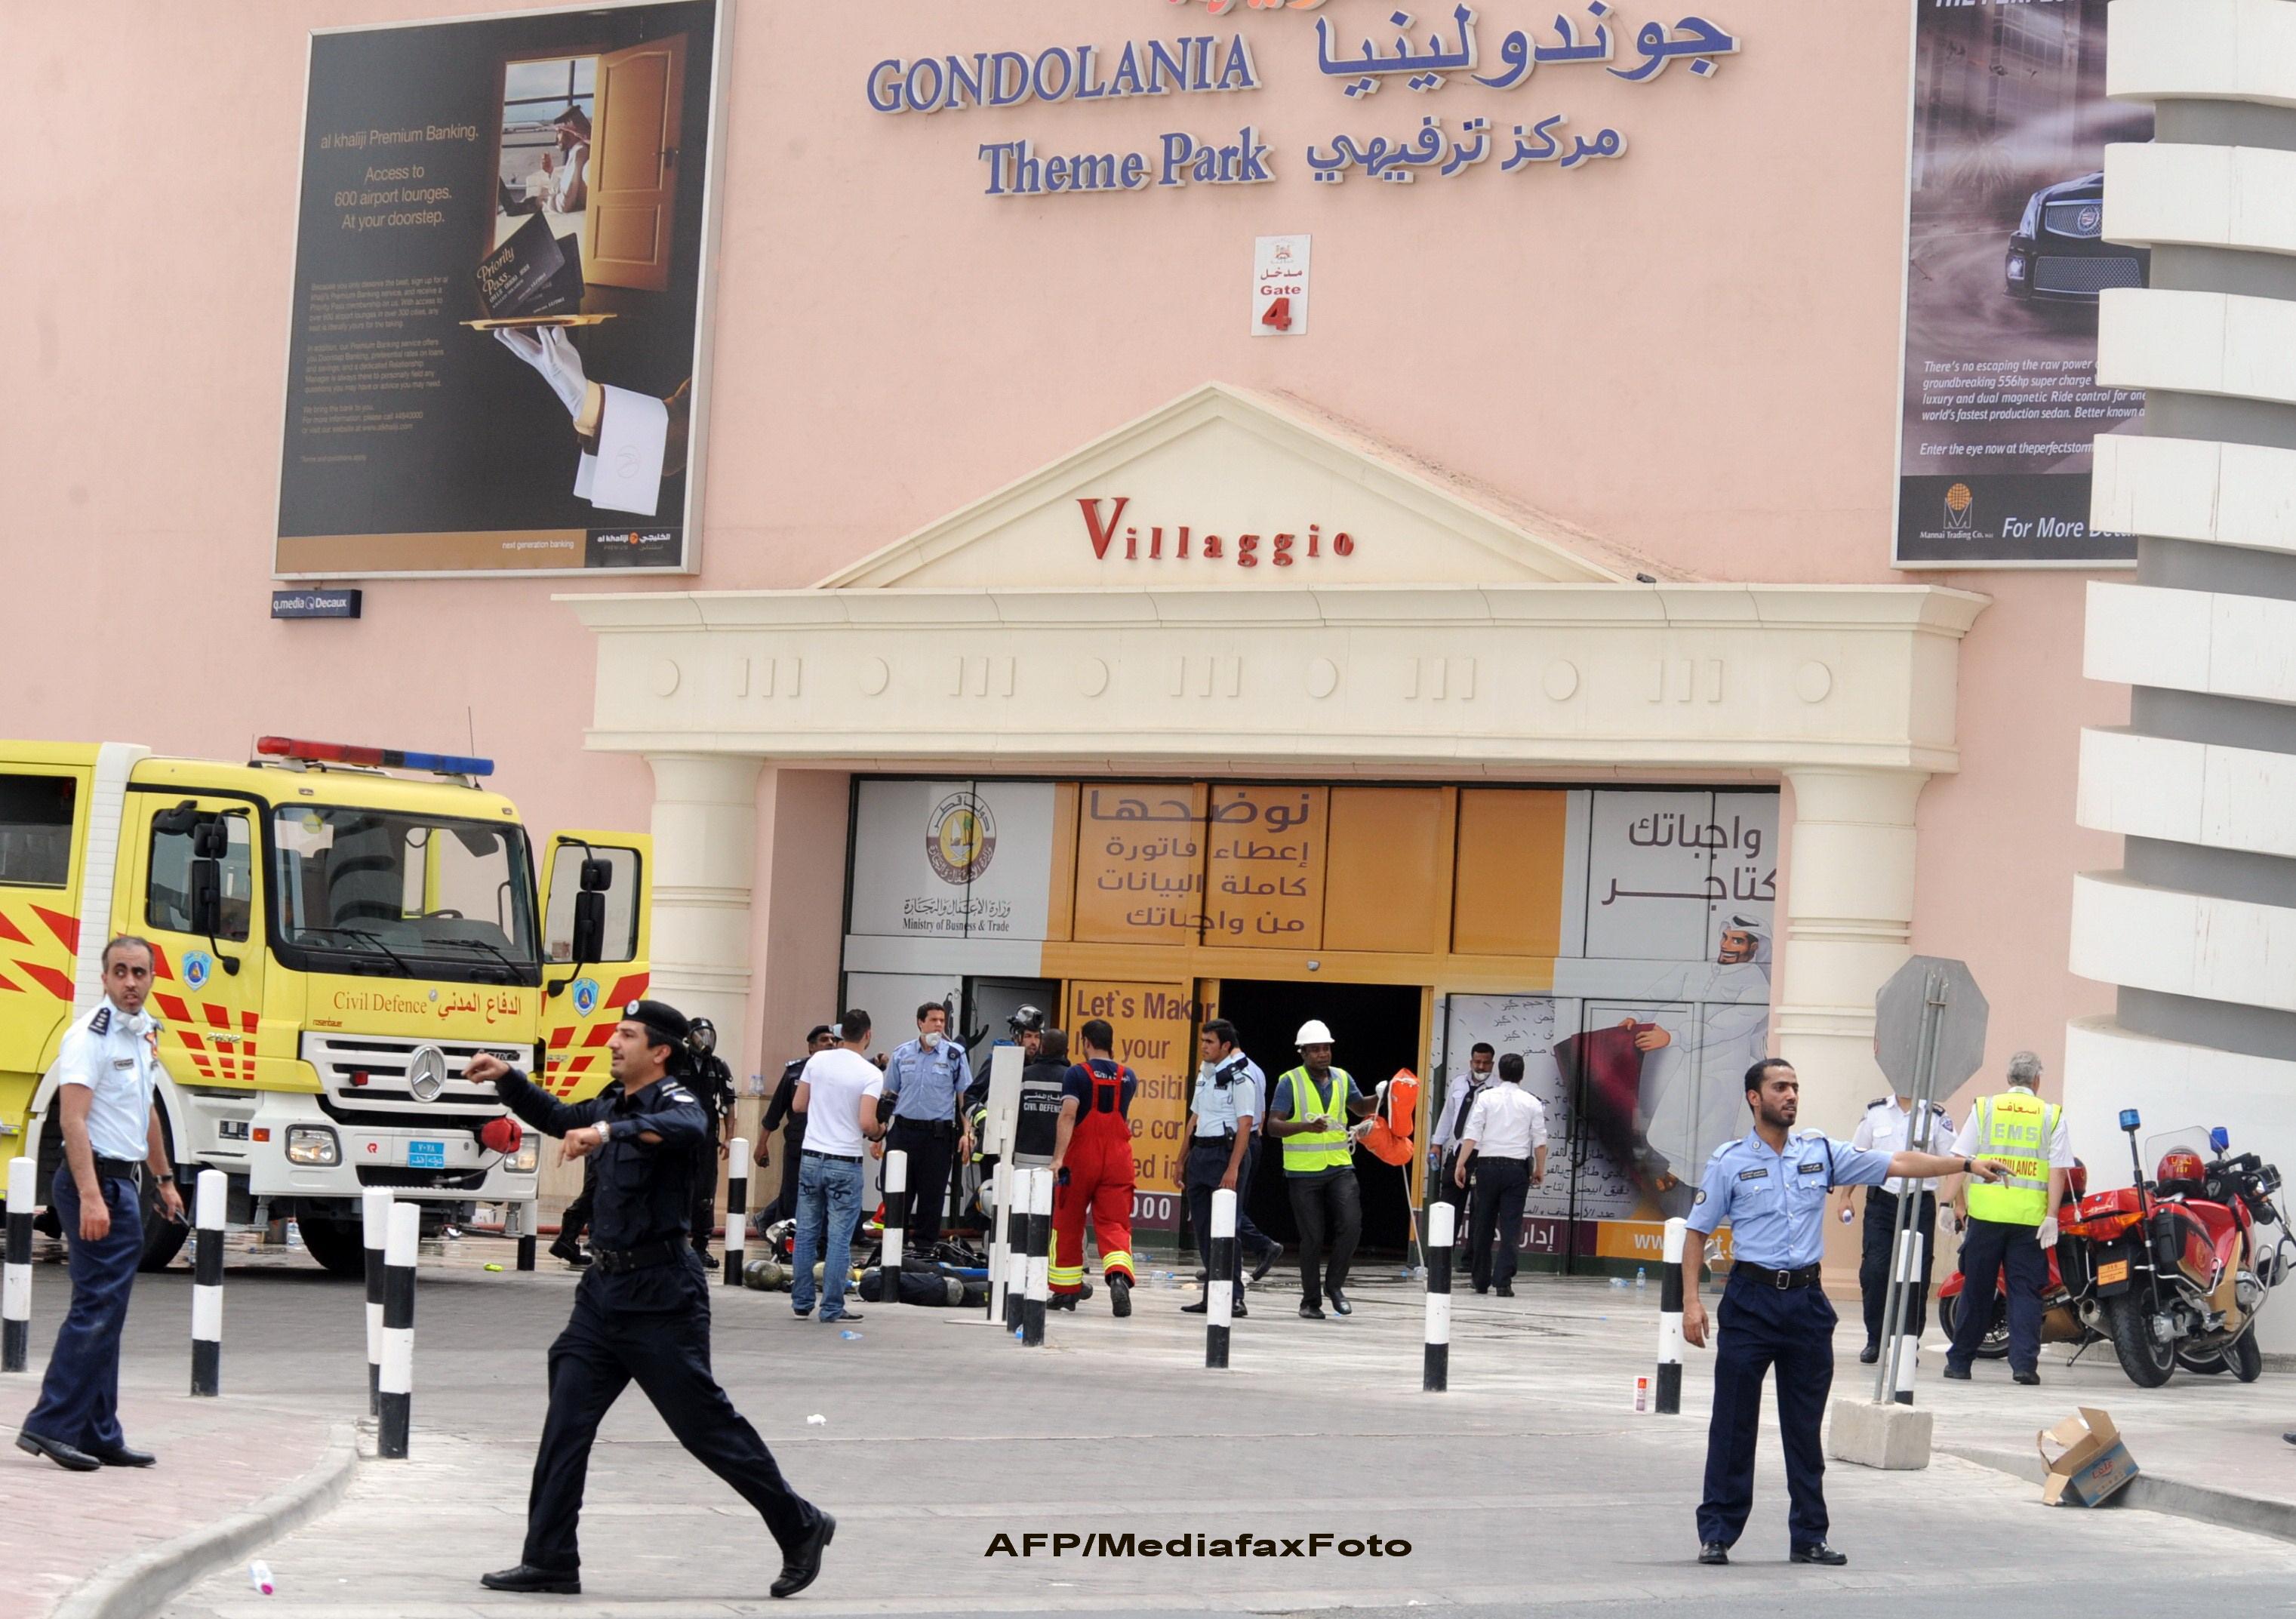 Tragedie in Qatar, in cel mai mare mall din Golful Persic. 13 copii si 6 adulti au murit in incendiu